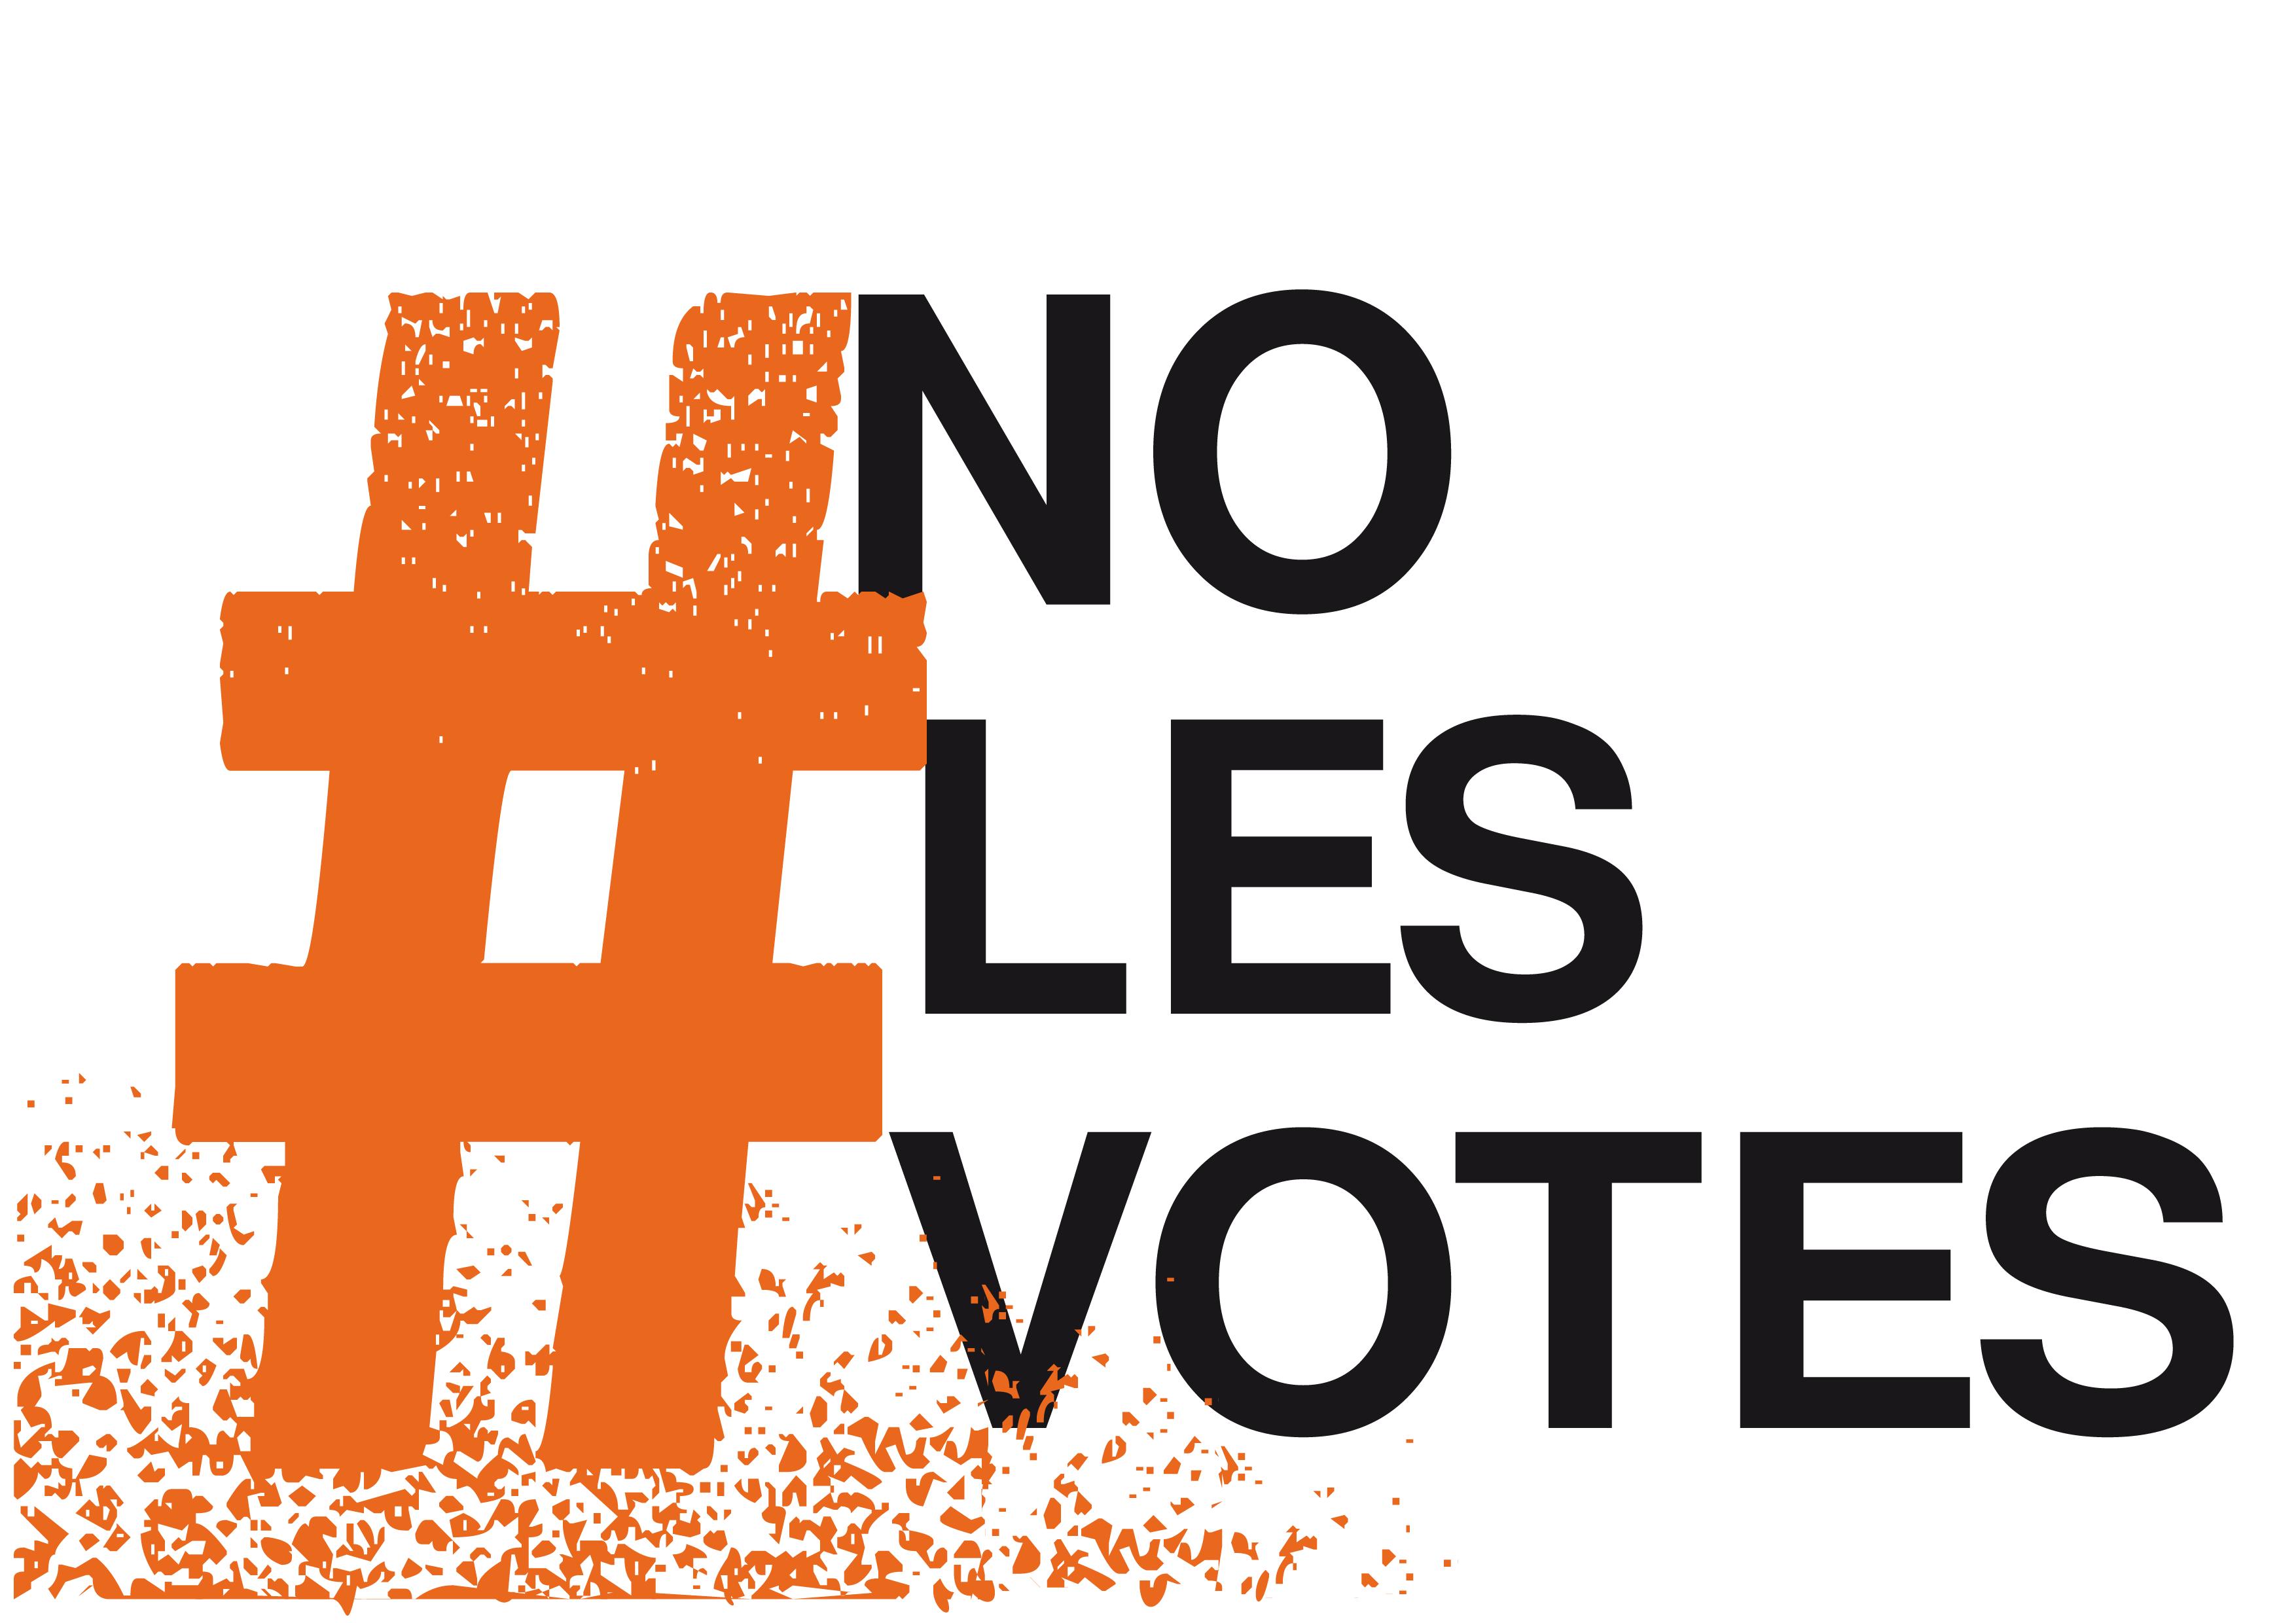 Nolesvotes_blanco_A4.png